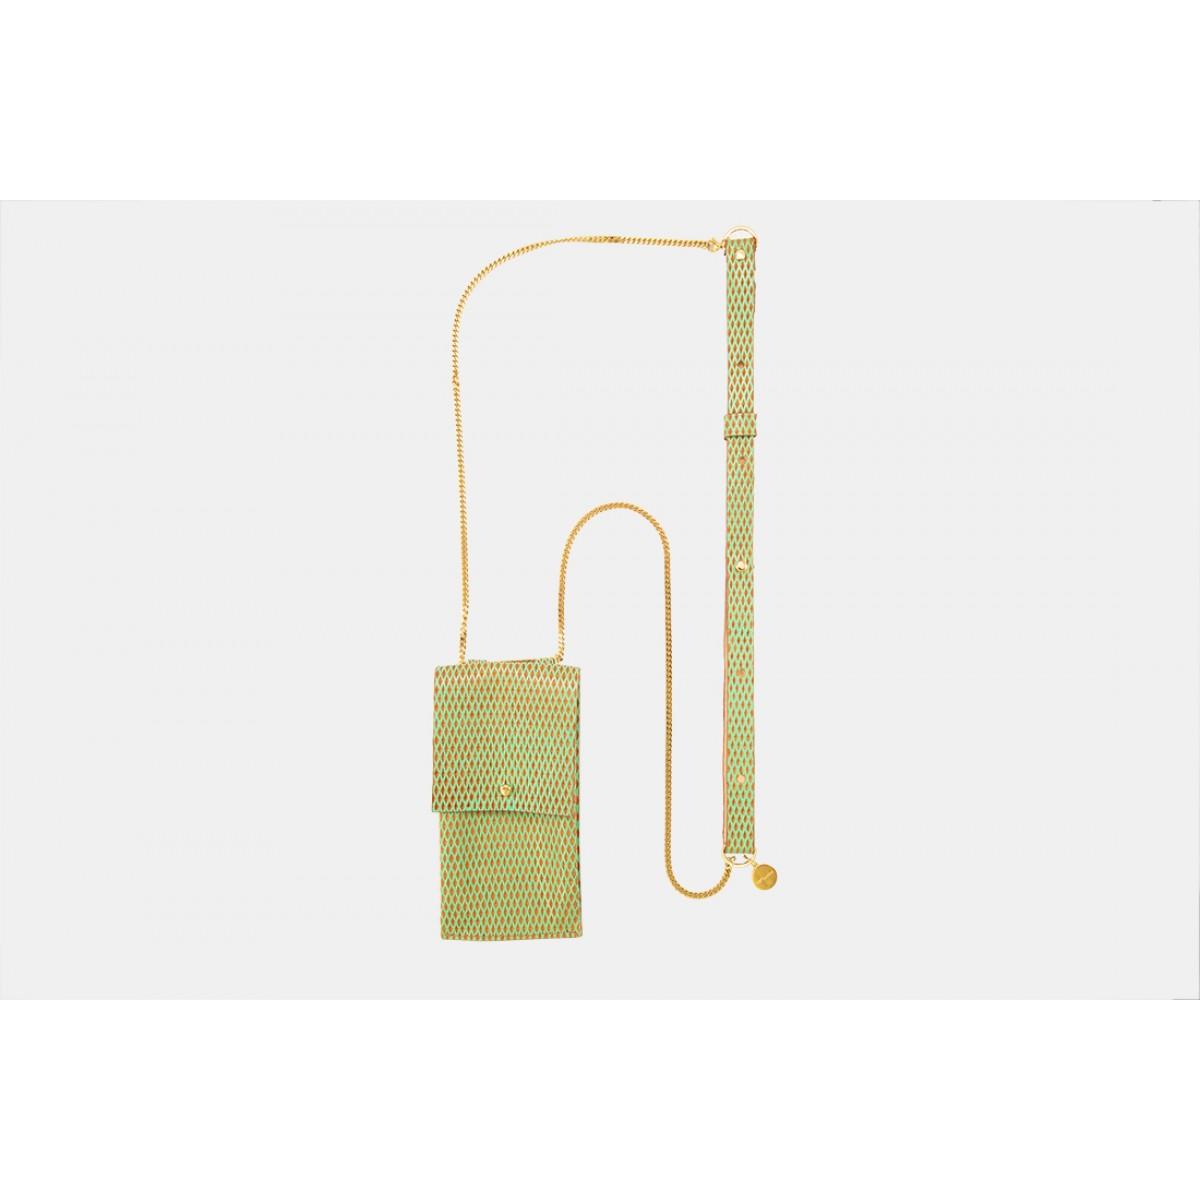 Lapàporter – iPhone Handykette aus Metall mit Lederriemen und abnehmbarer Tasche, mint/gold